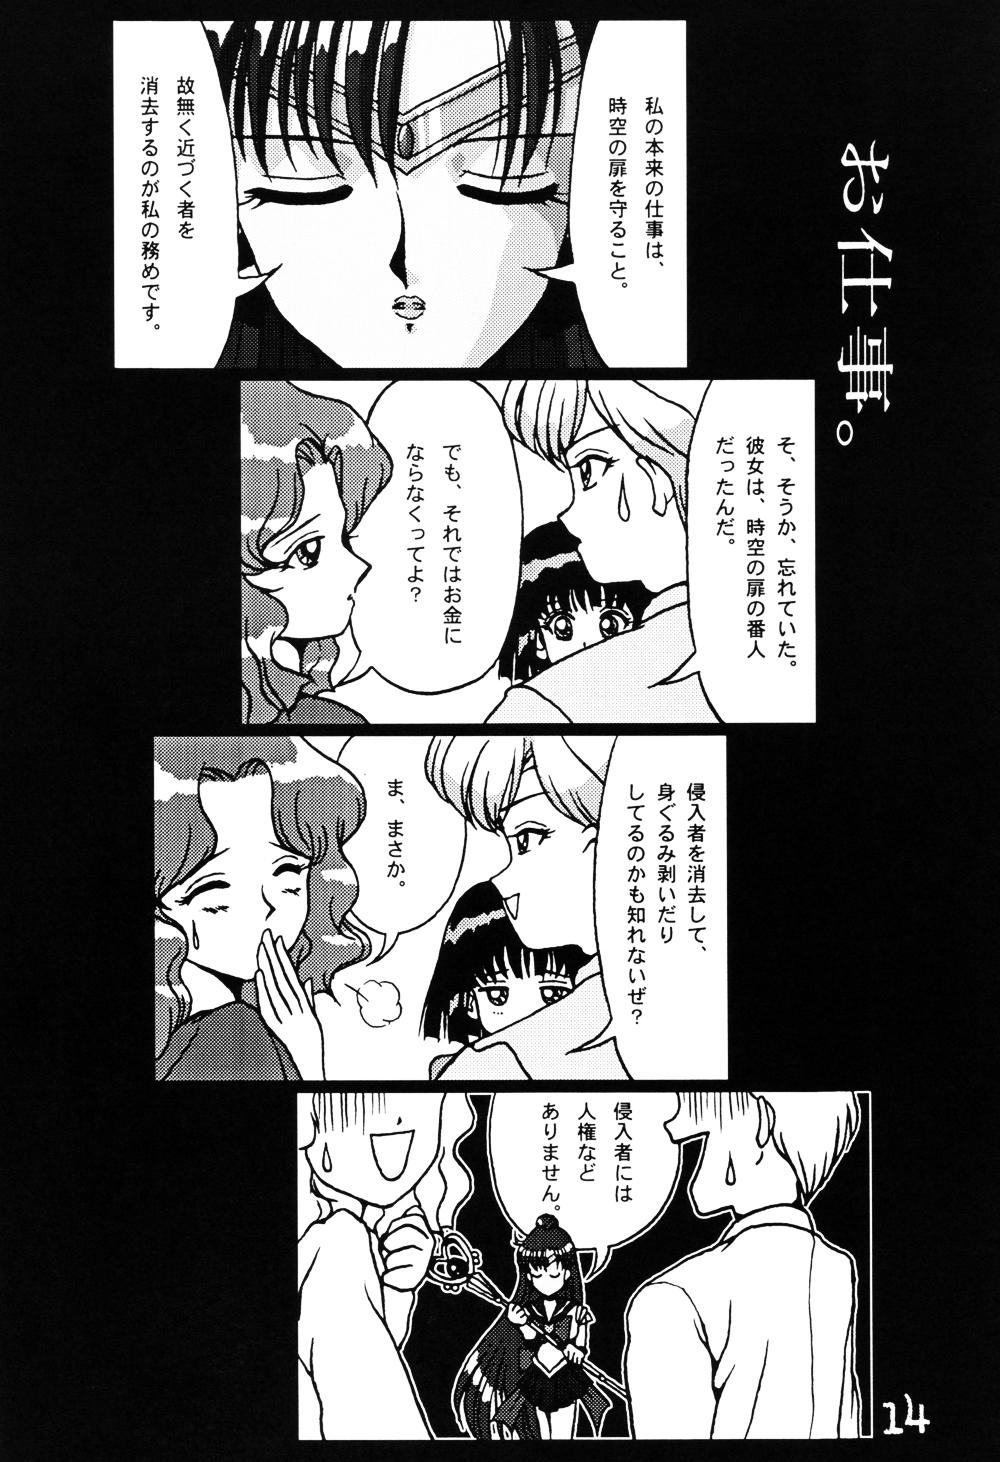 Complement_zero_14